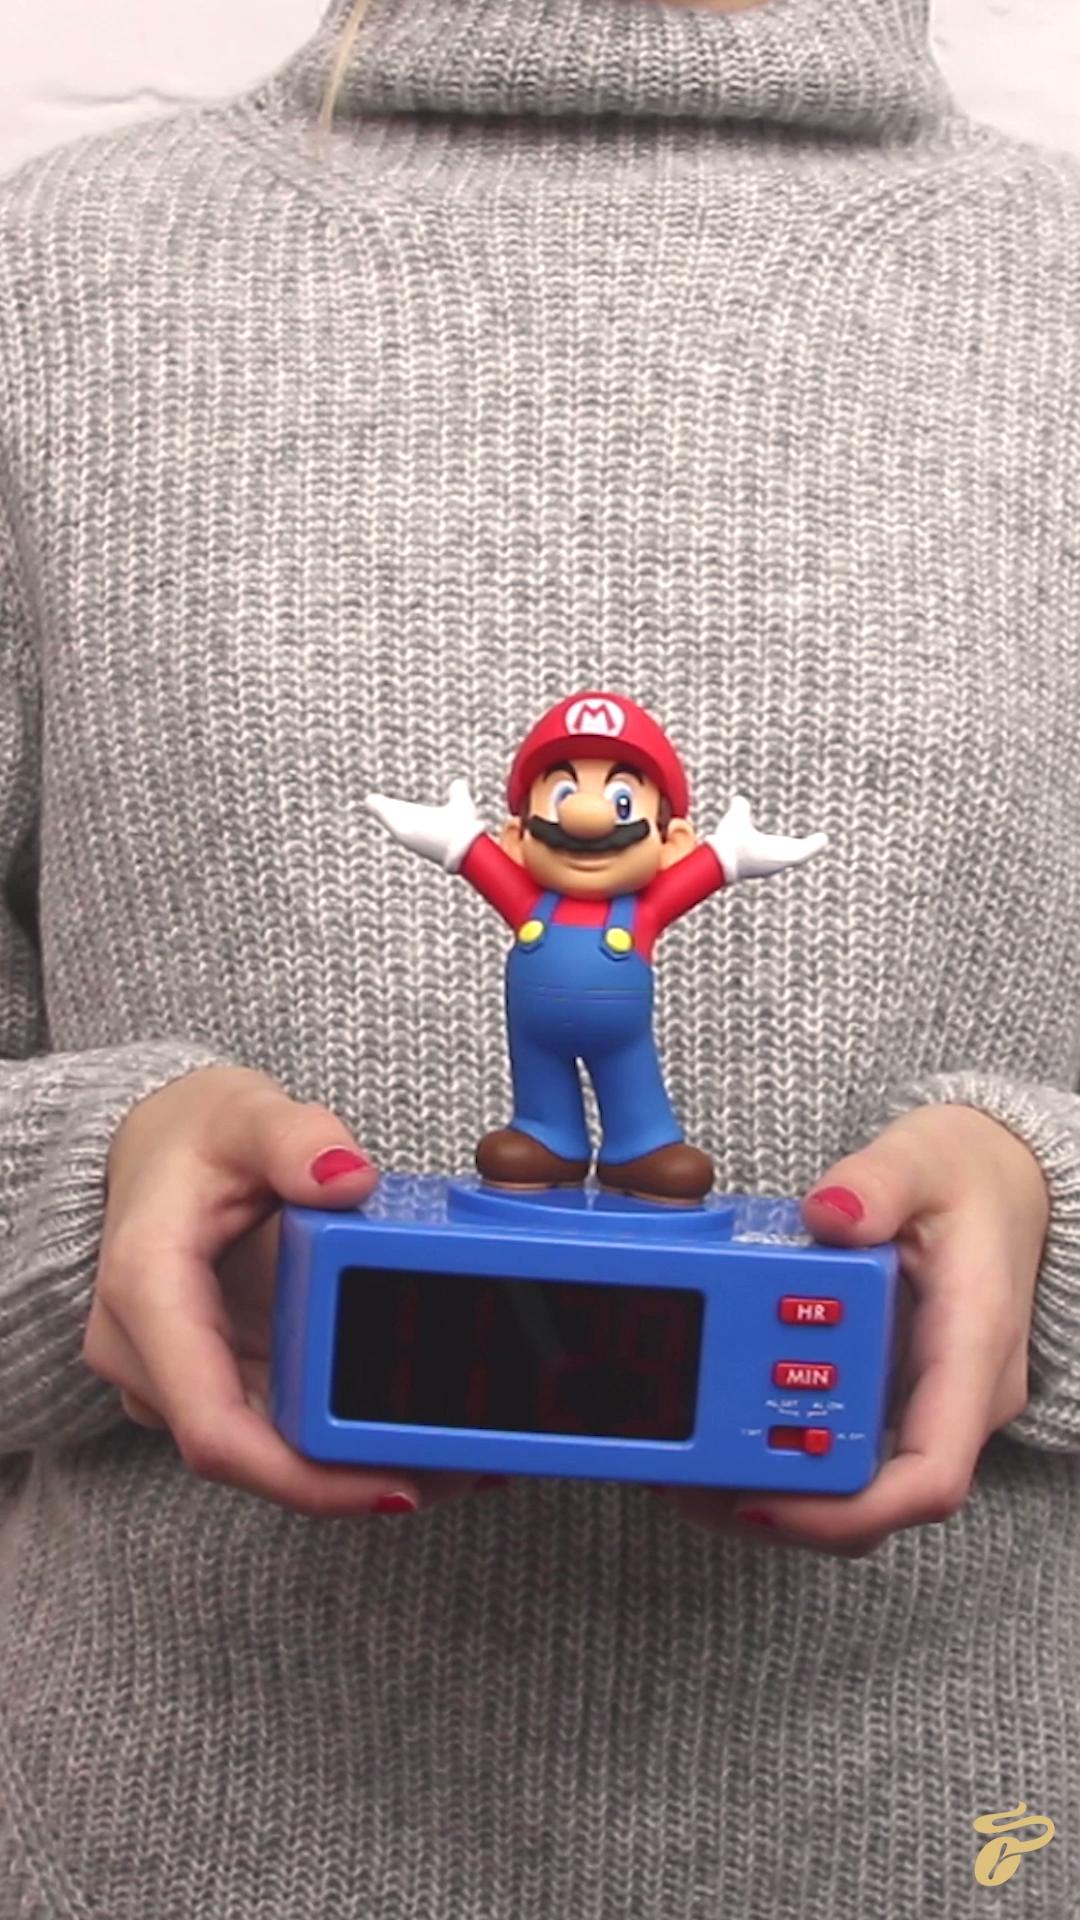 doppelter gutschein verfügbar 2019 echt Sooo viele tolle Geschenkideen, wie den Super-Mario-Wecker ...